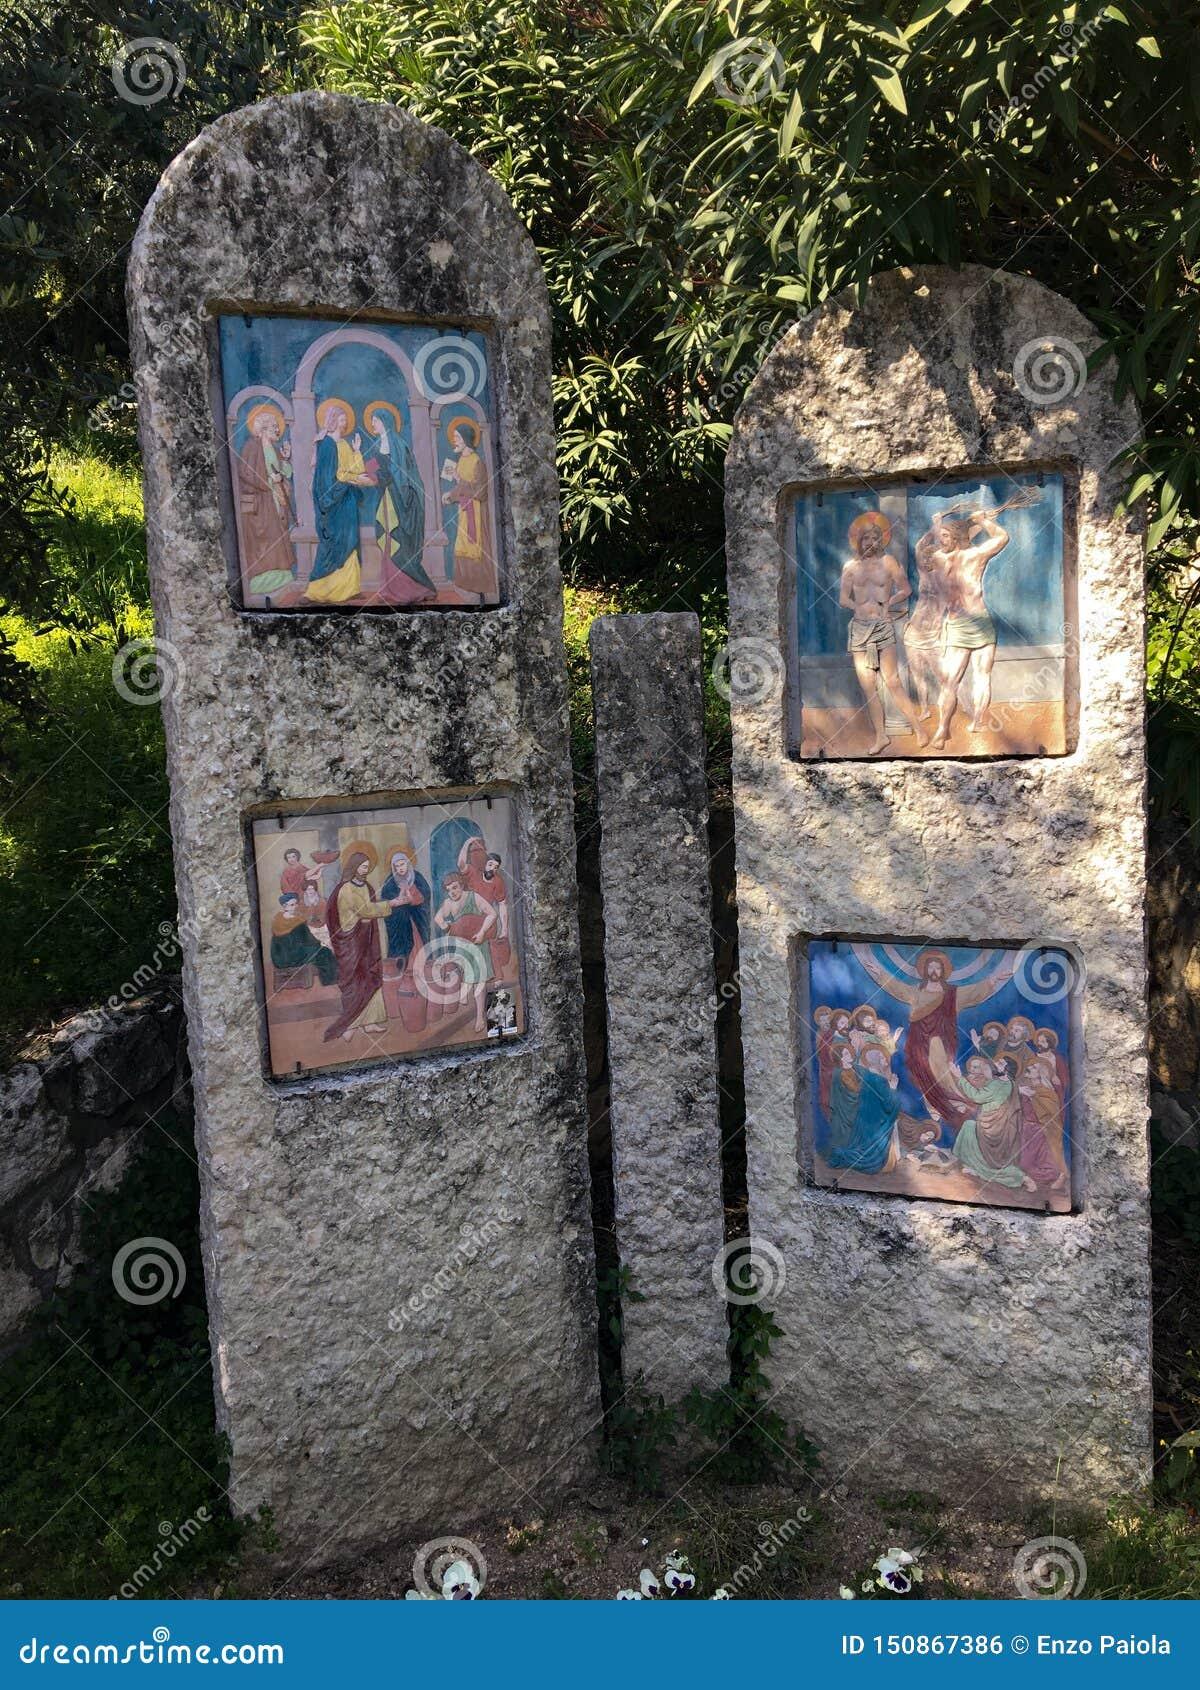 Trayectoria peatonal con vía los crucis del santuario de los di Lourdes Verona Italy de Madonna